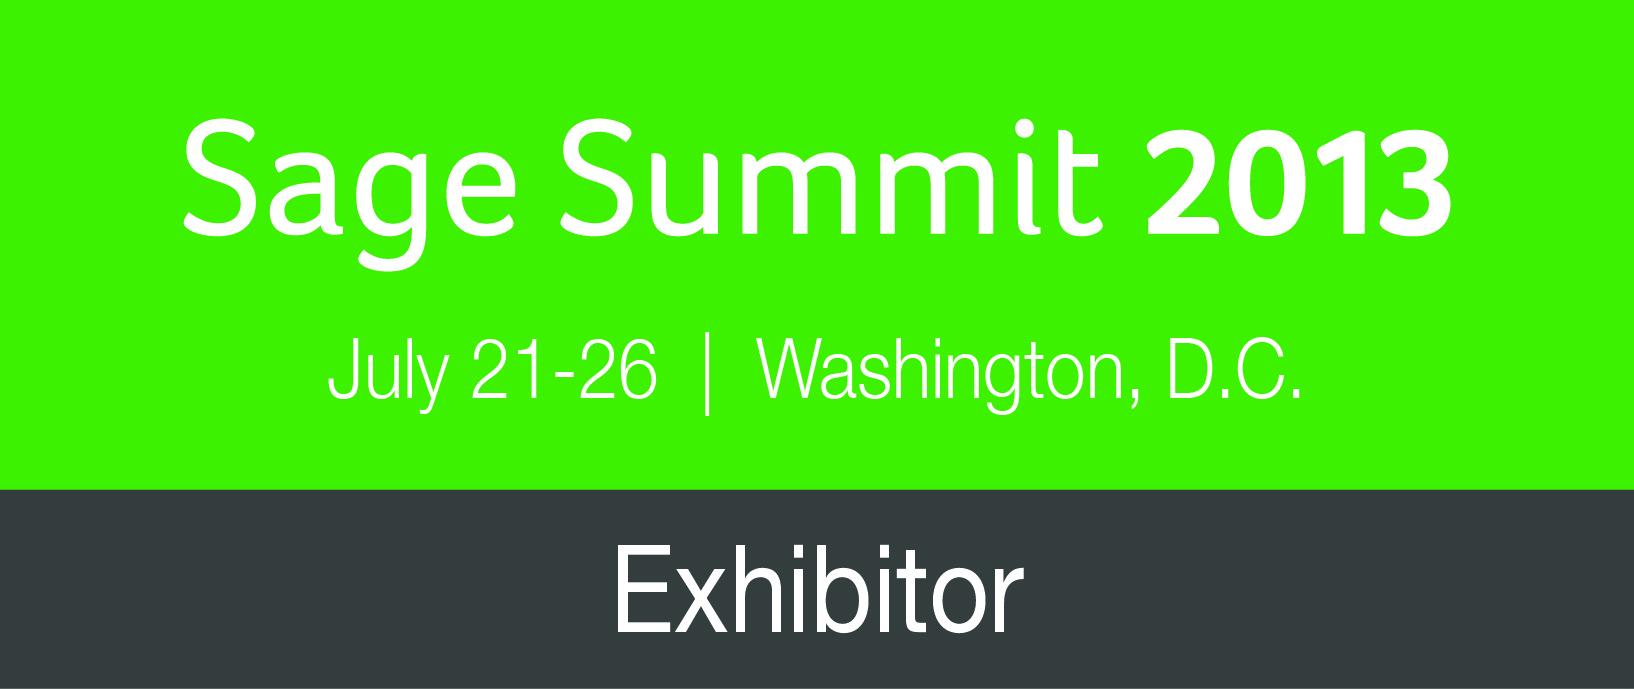 Summit LG Exhibitor